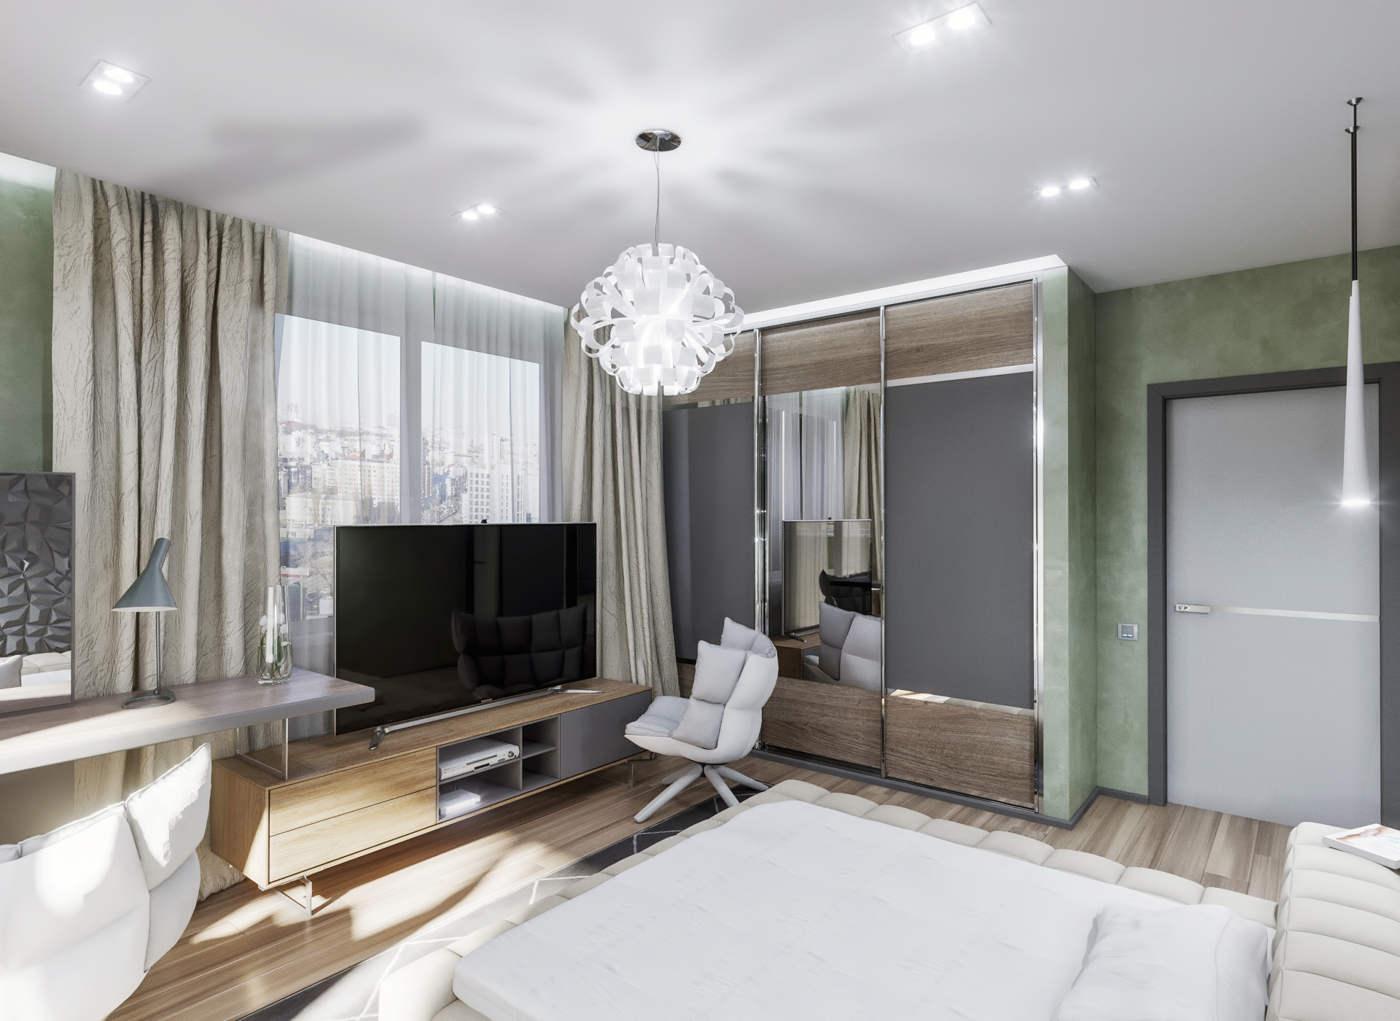 дизайн интерьера спальни с декоративным покрытием стен в ЖК Малахит